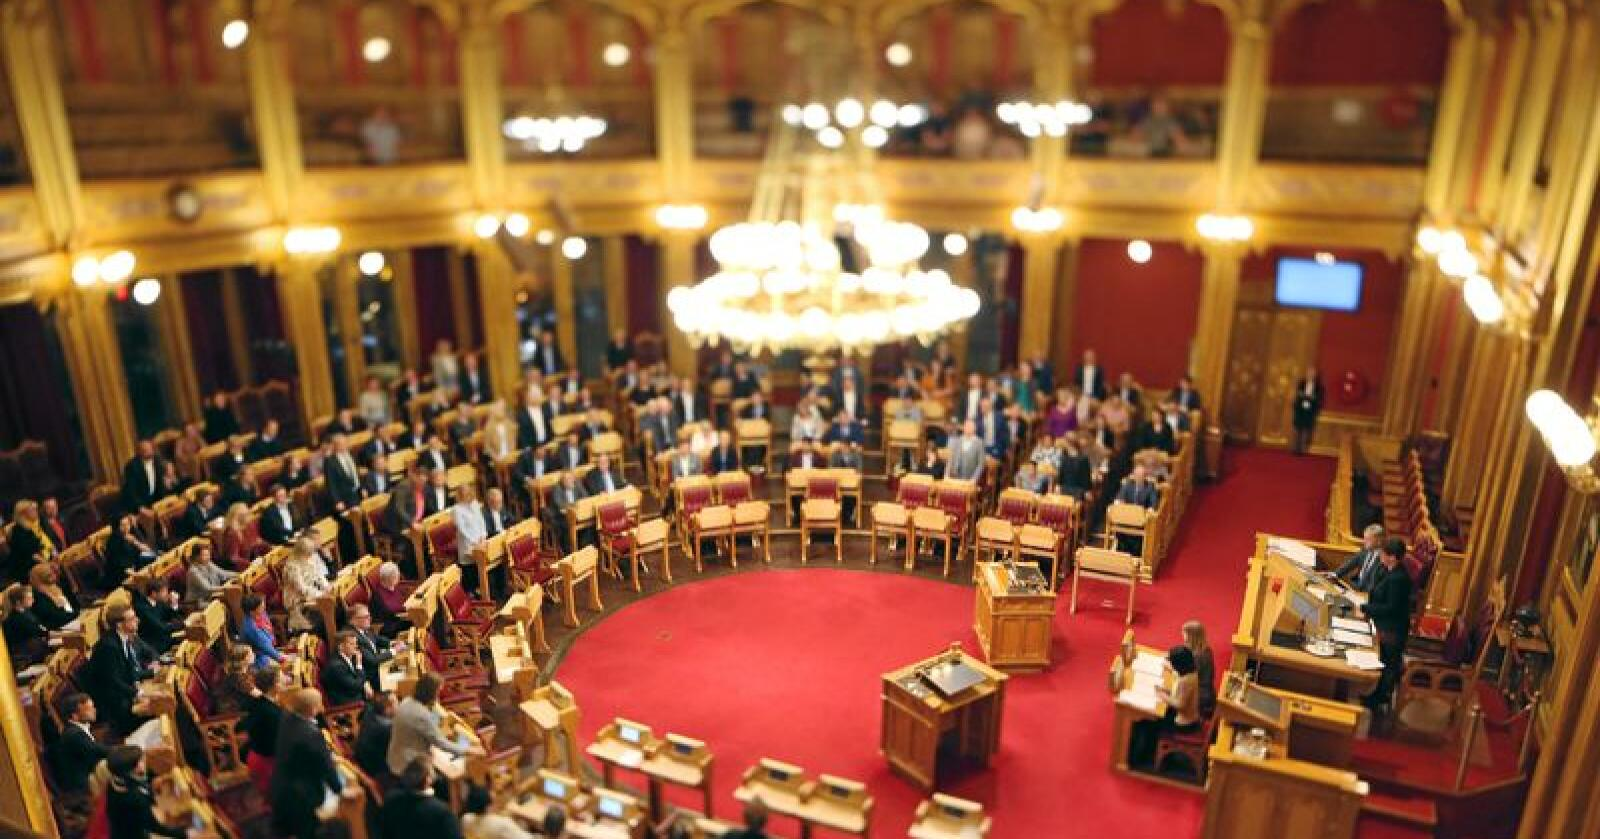 Blei trumfa: Partia som lova veljarane å halda fram med pels, har fleirtal på Stortinget. Foto: Ørn E. Borgen / NTB scanpix